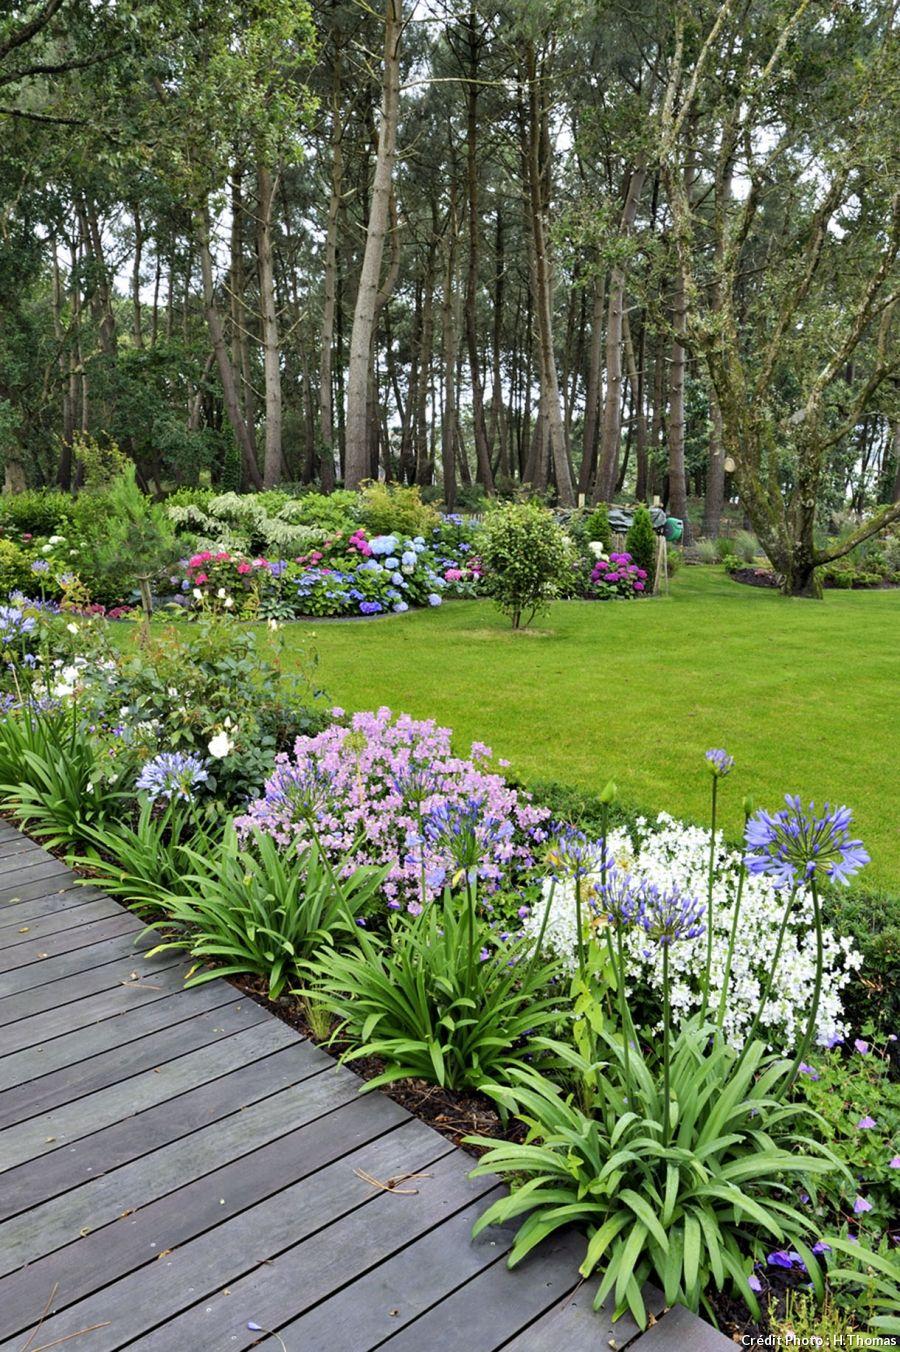 un jardin breton d'agapanthes et d'hortensias bleus | aménagement jardin